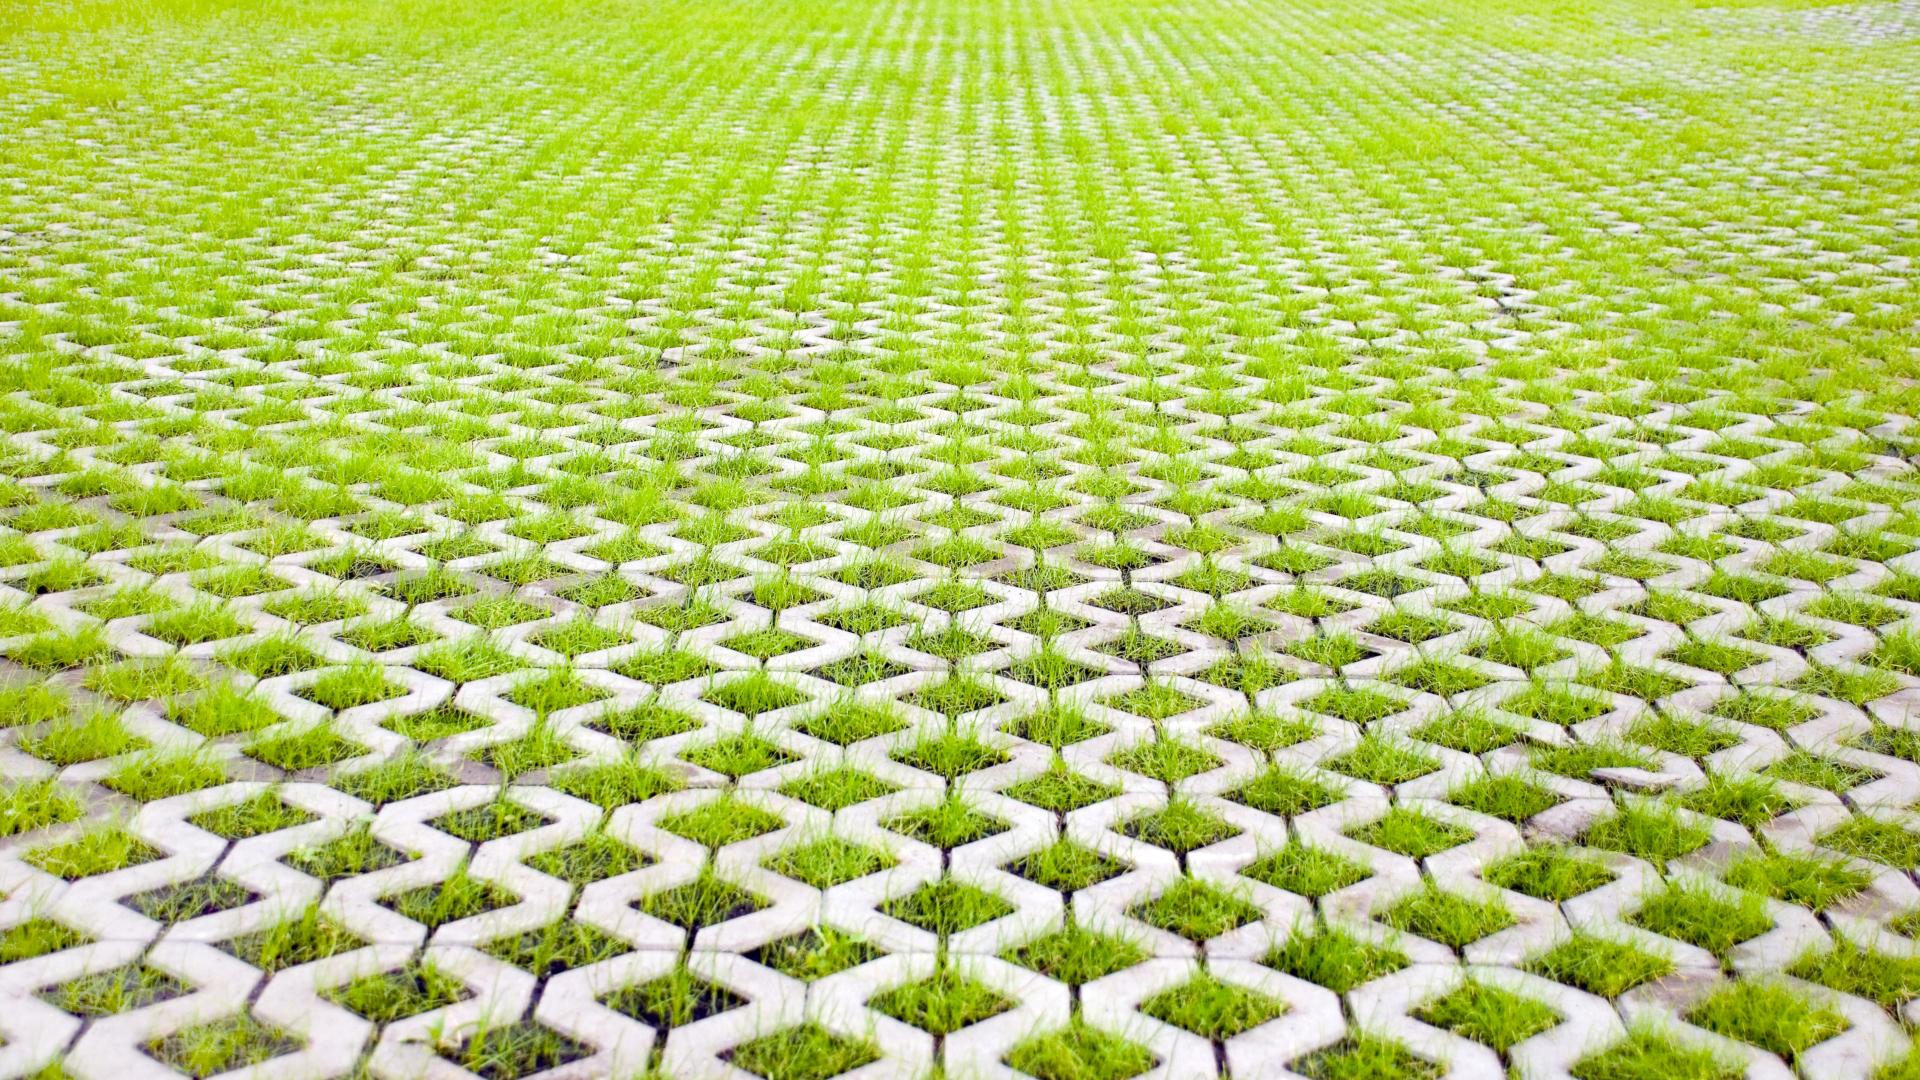 Ilmaa puhdistavat betonilaatat eivät välttämättä vielä arkipäivää ole, mutta erilaisia ratkaisuja on mahdollista yhdistellä ilmaston hyväksi